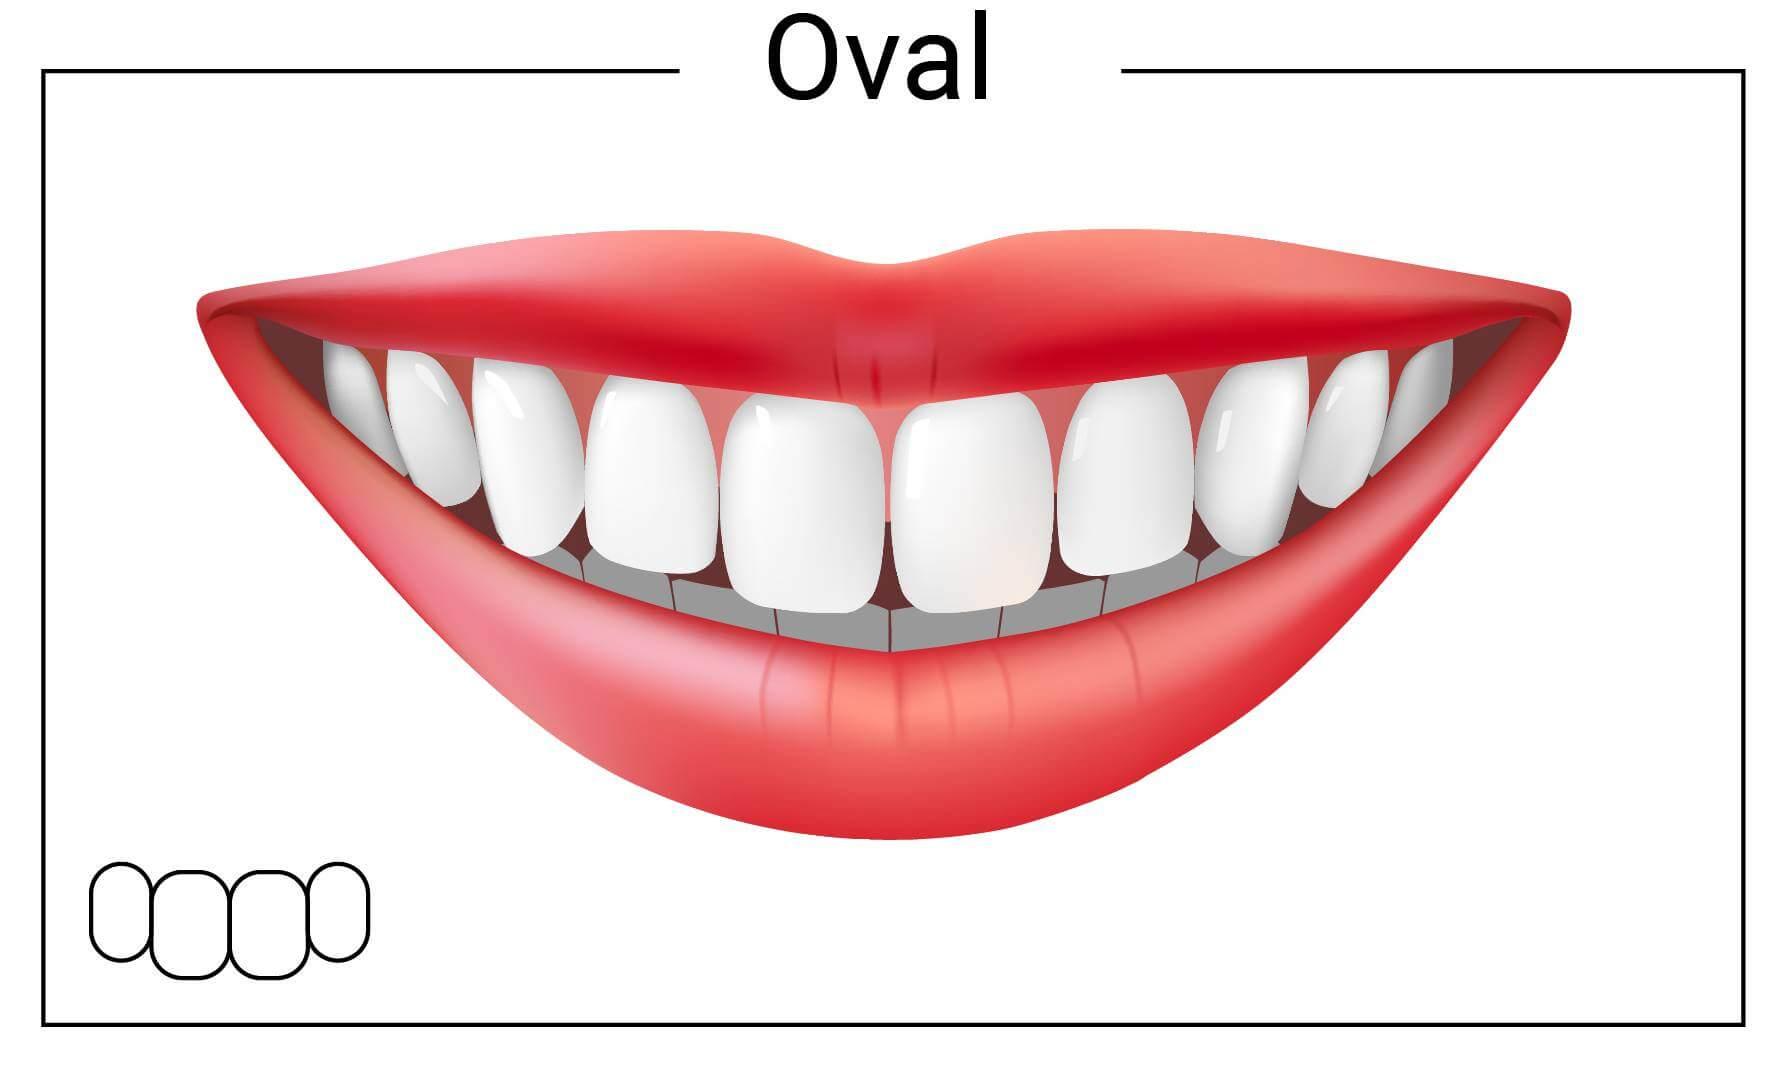 Oval Tooth Shape